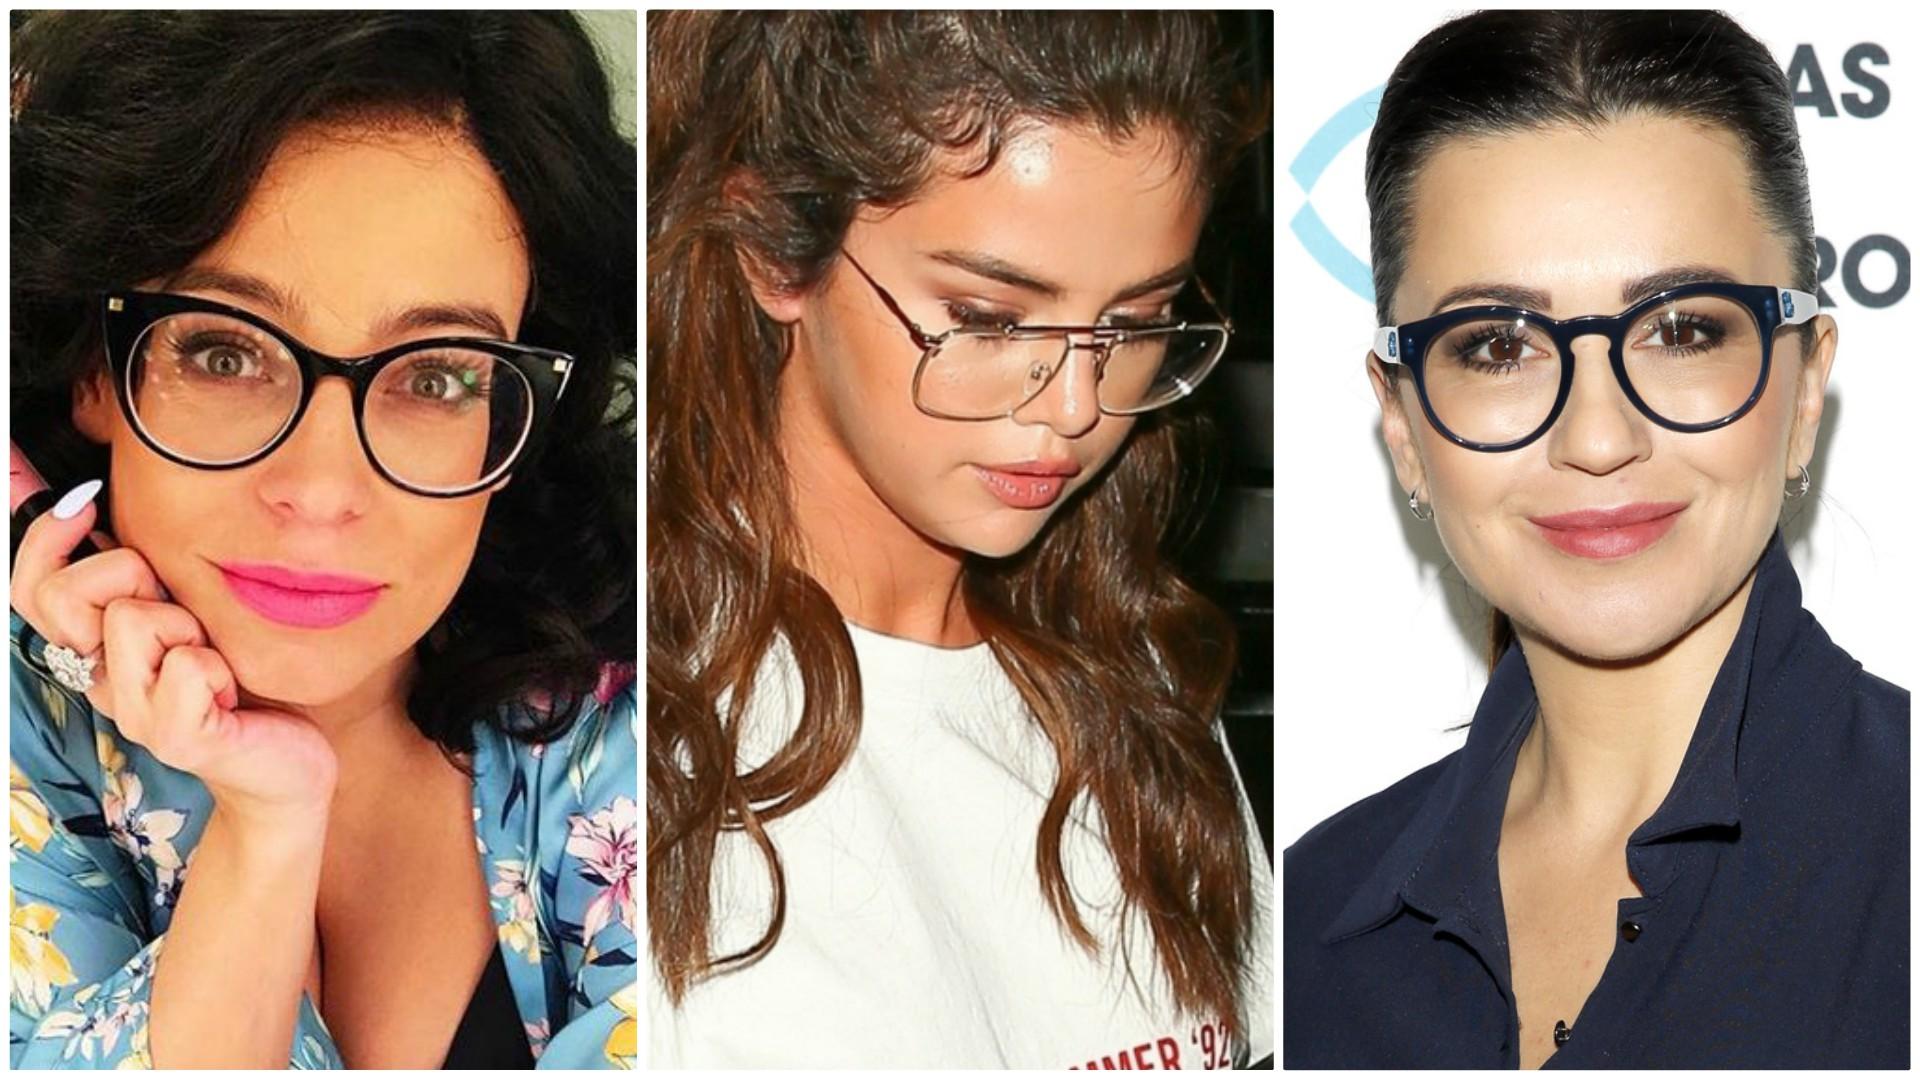 Gwiazdy noszą okulary